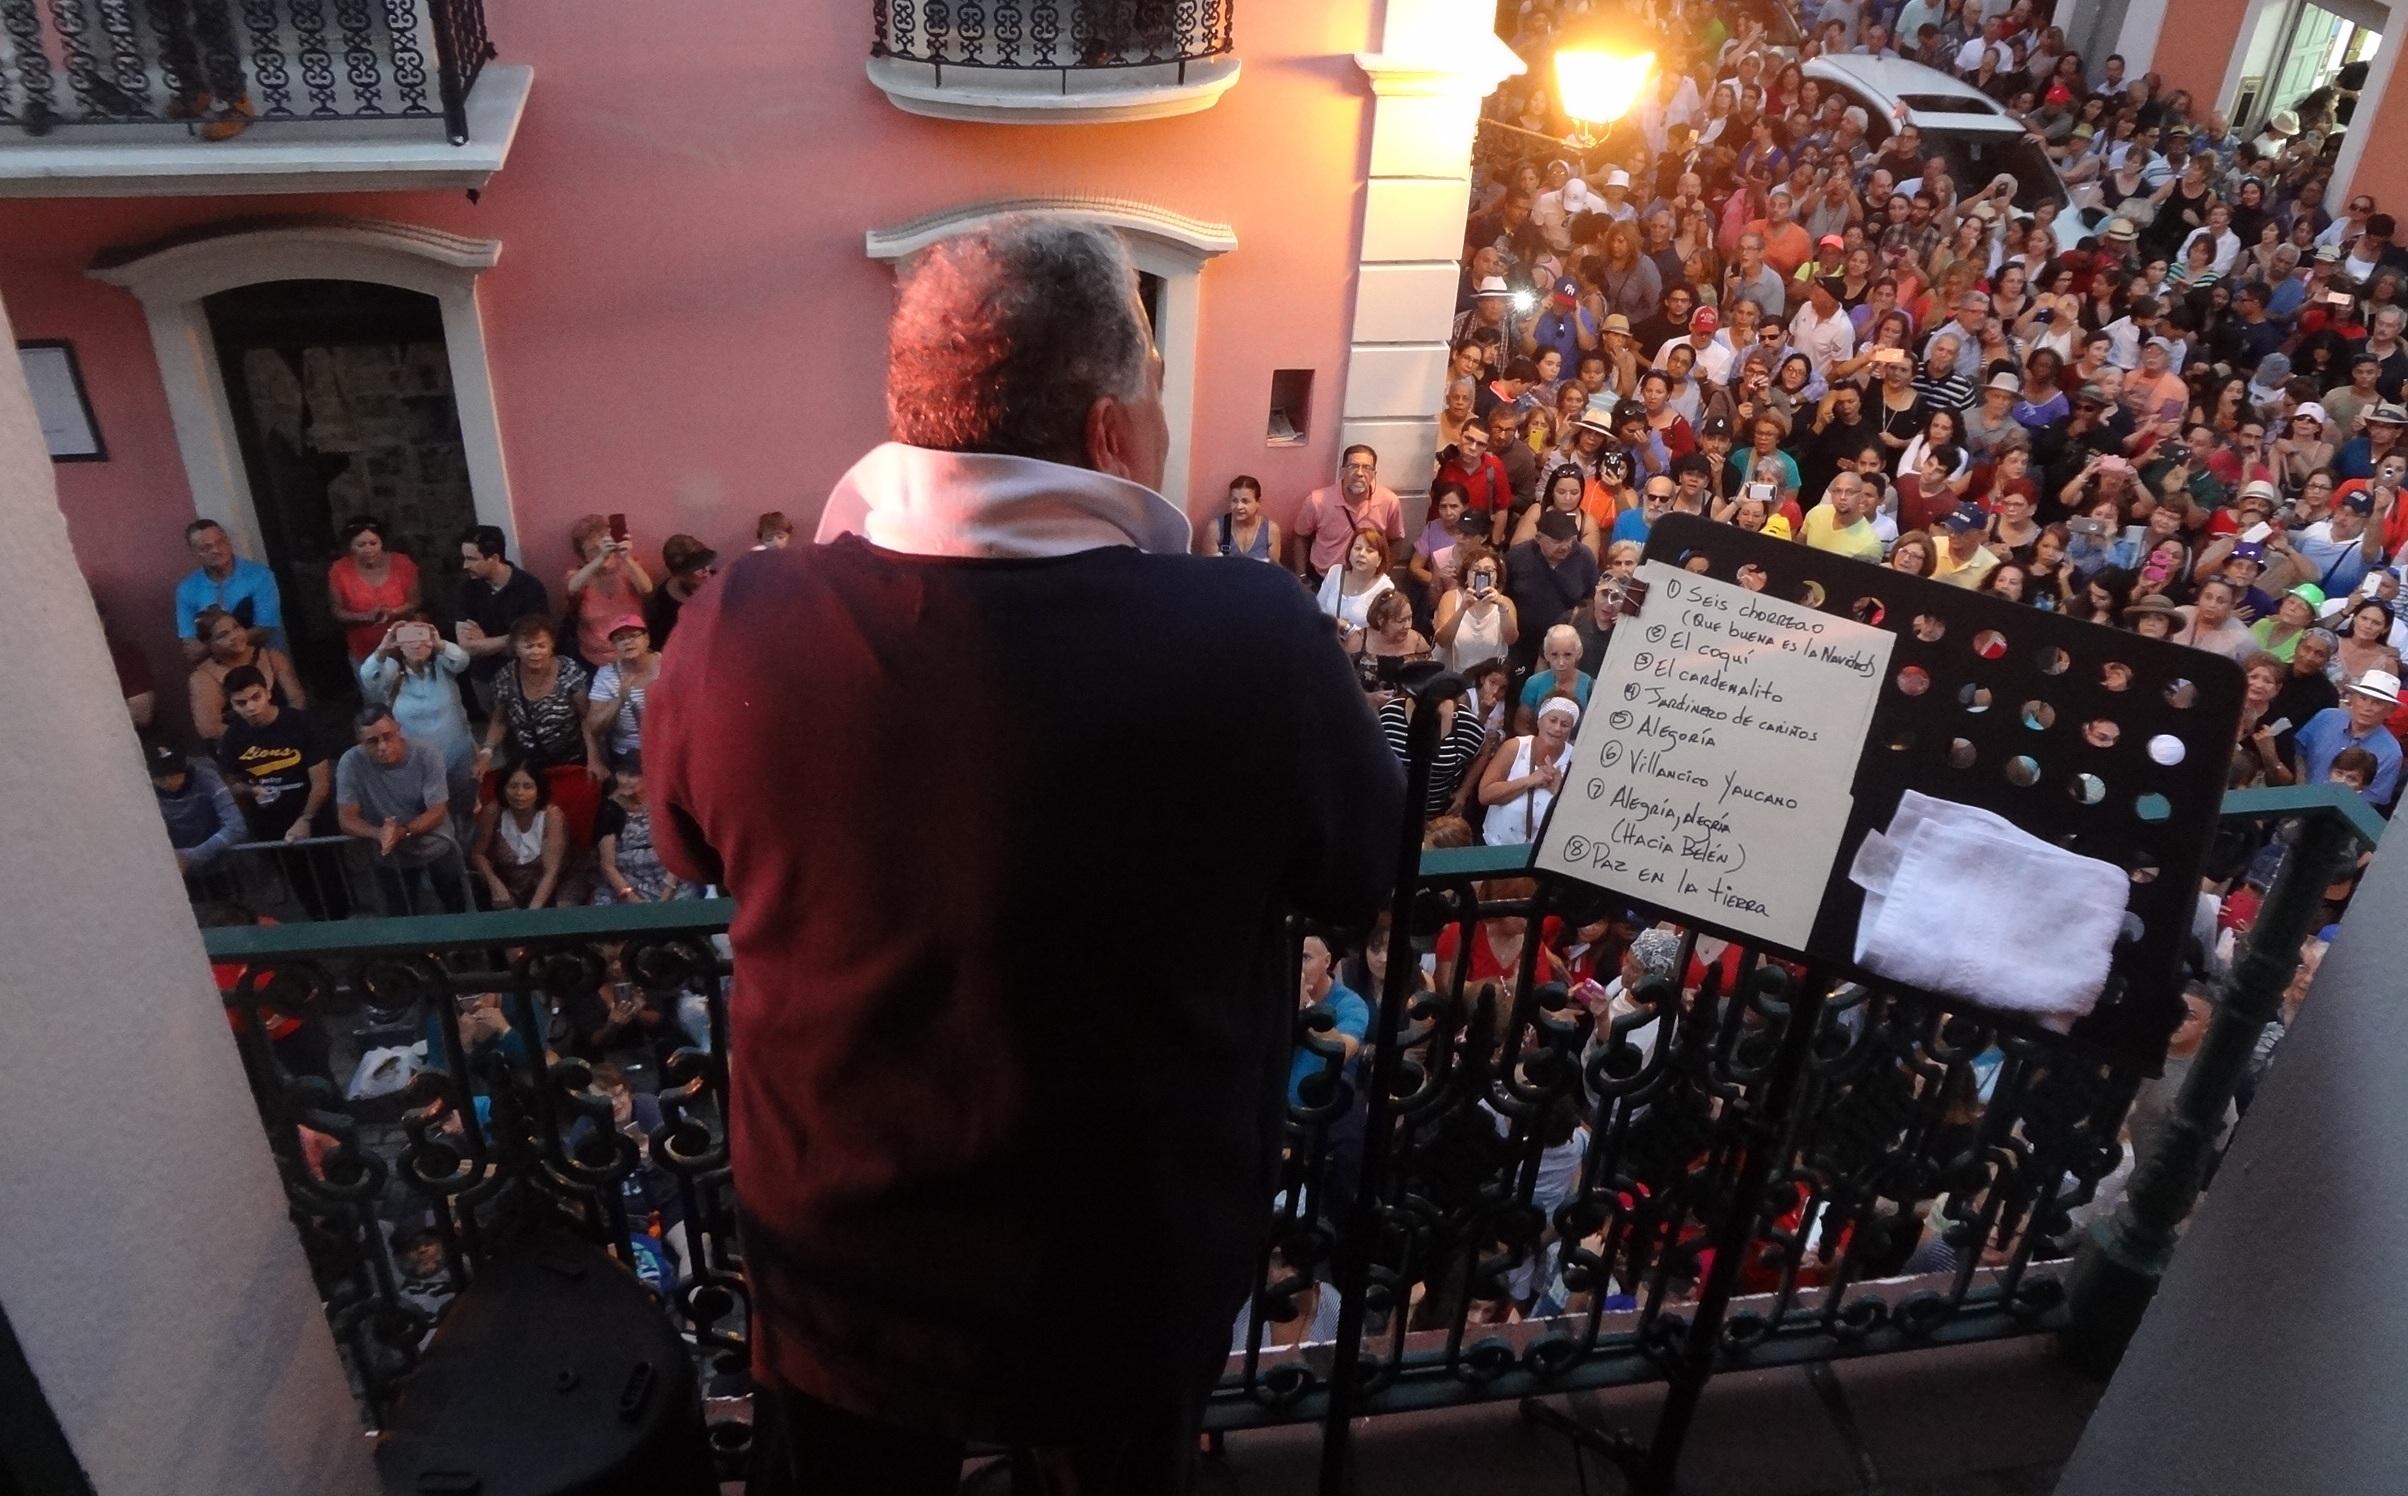 El público acompañó al cantante hasta la caída del sol. (Foto Adriana Pantoja para Fundación Nacional para la Cultura Popular)